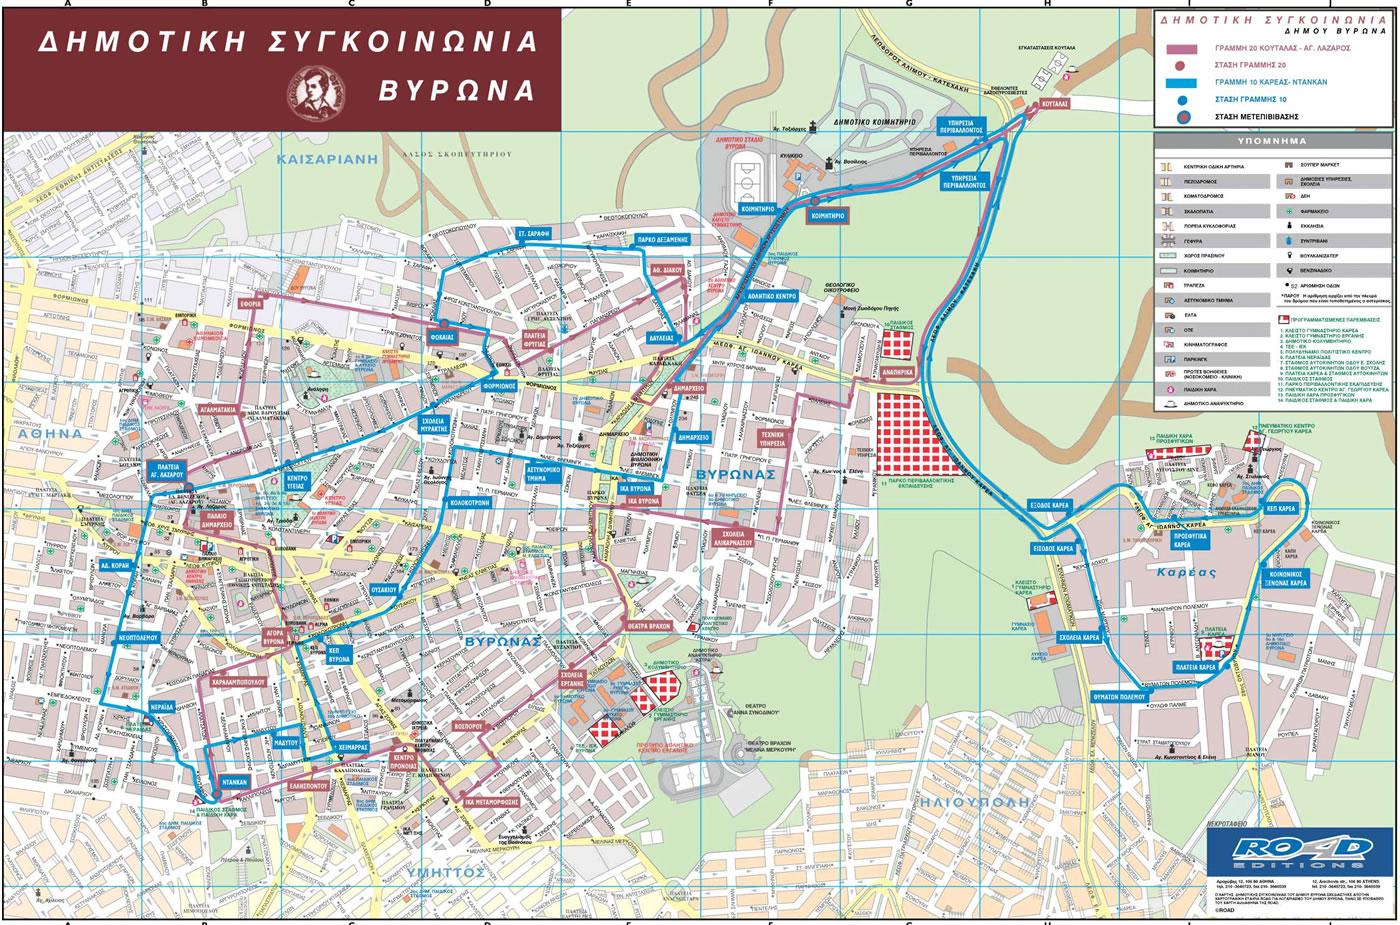 Χάρτης δημοτική συγκοινωνία Βύρωνα